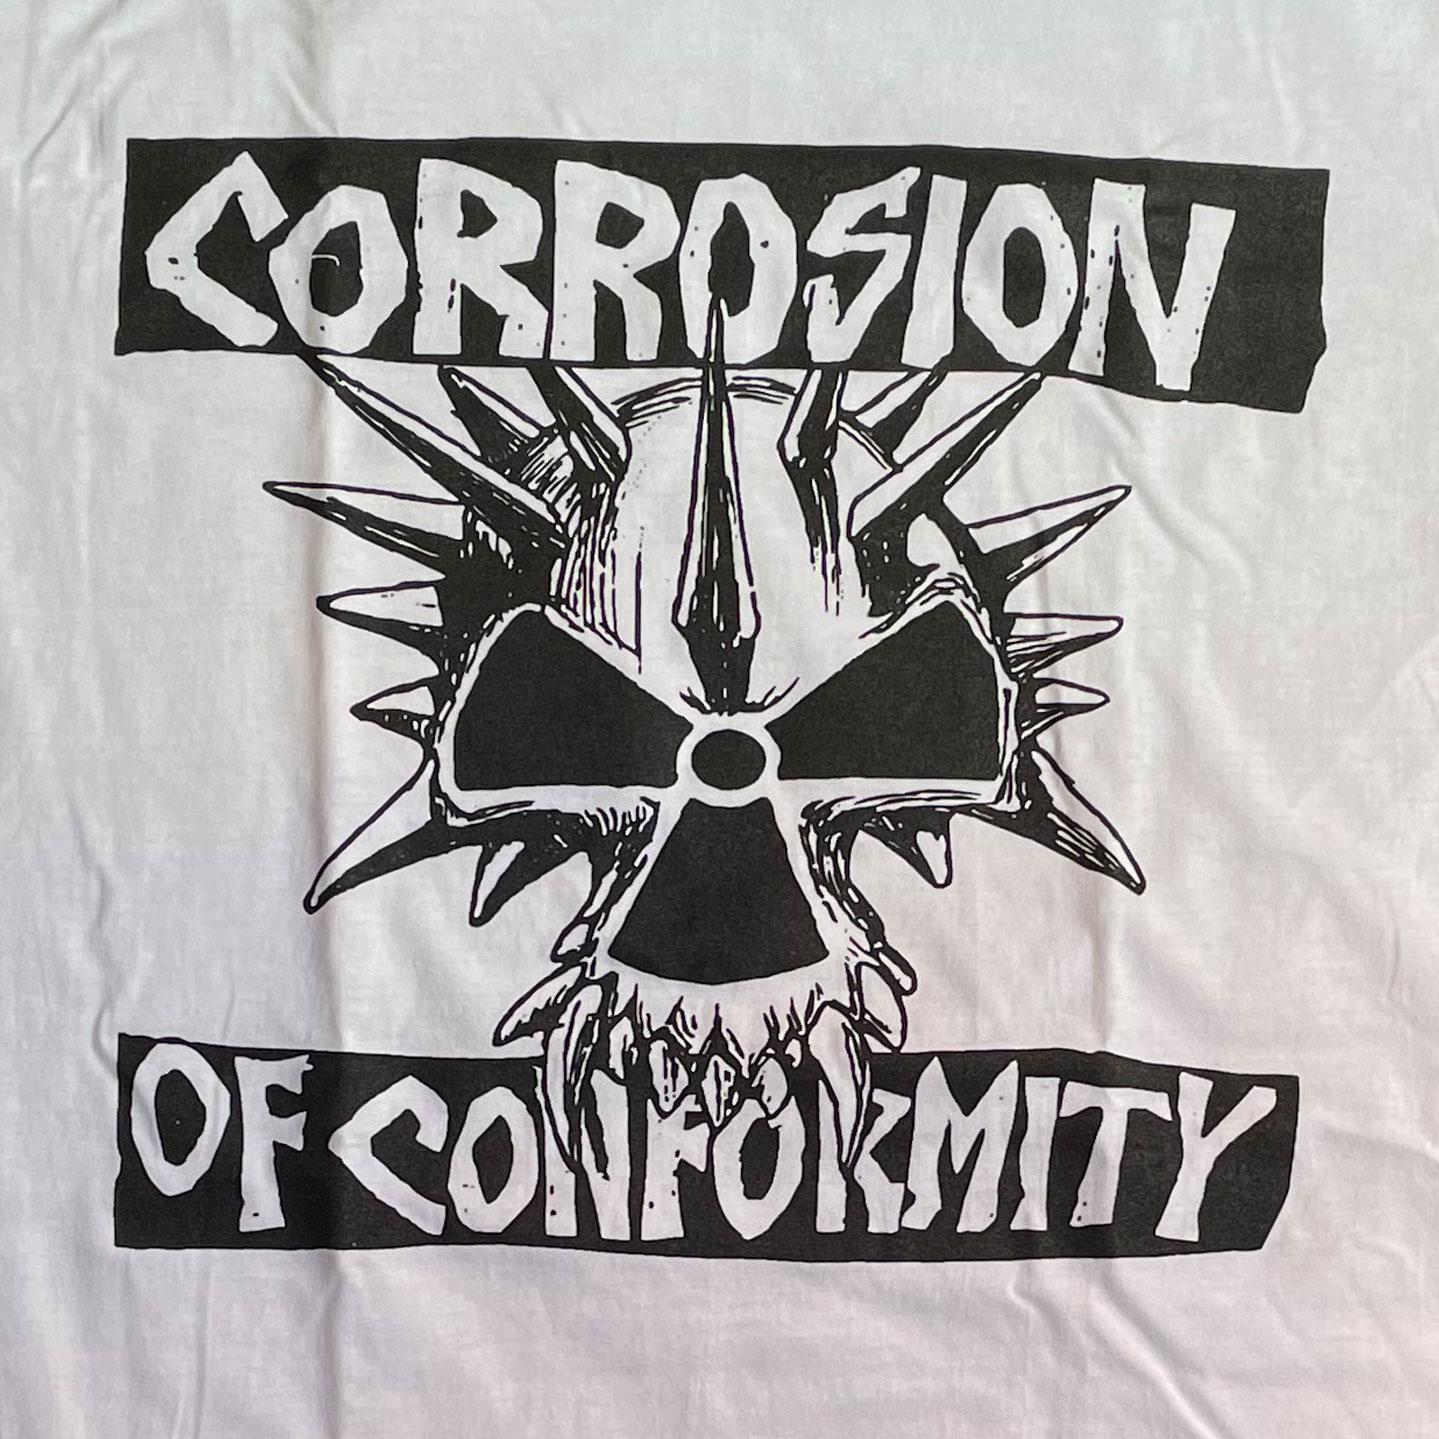 Corrosion of conformity Tシャツ 原爆ウニ オフィシャル